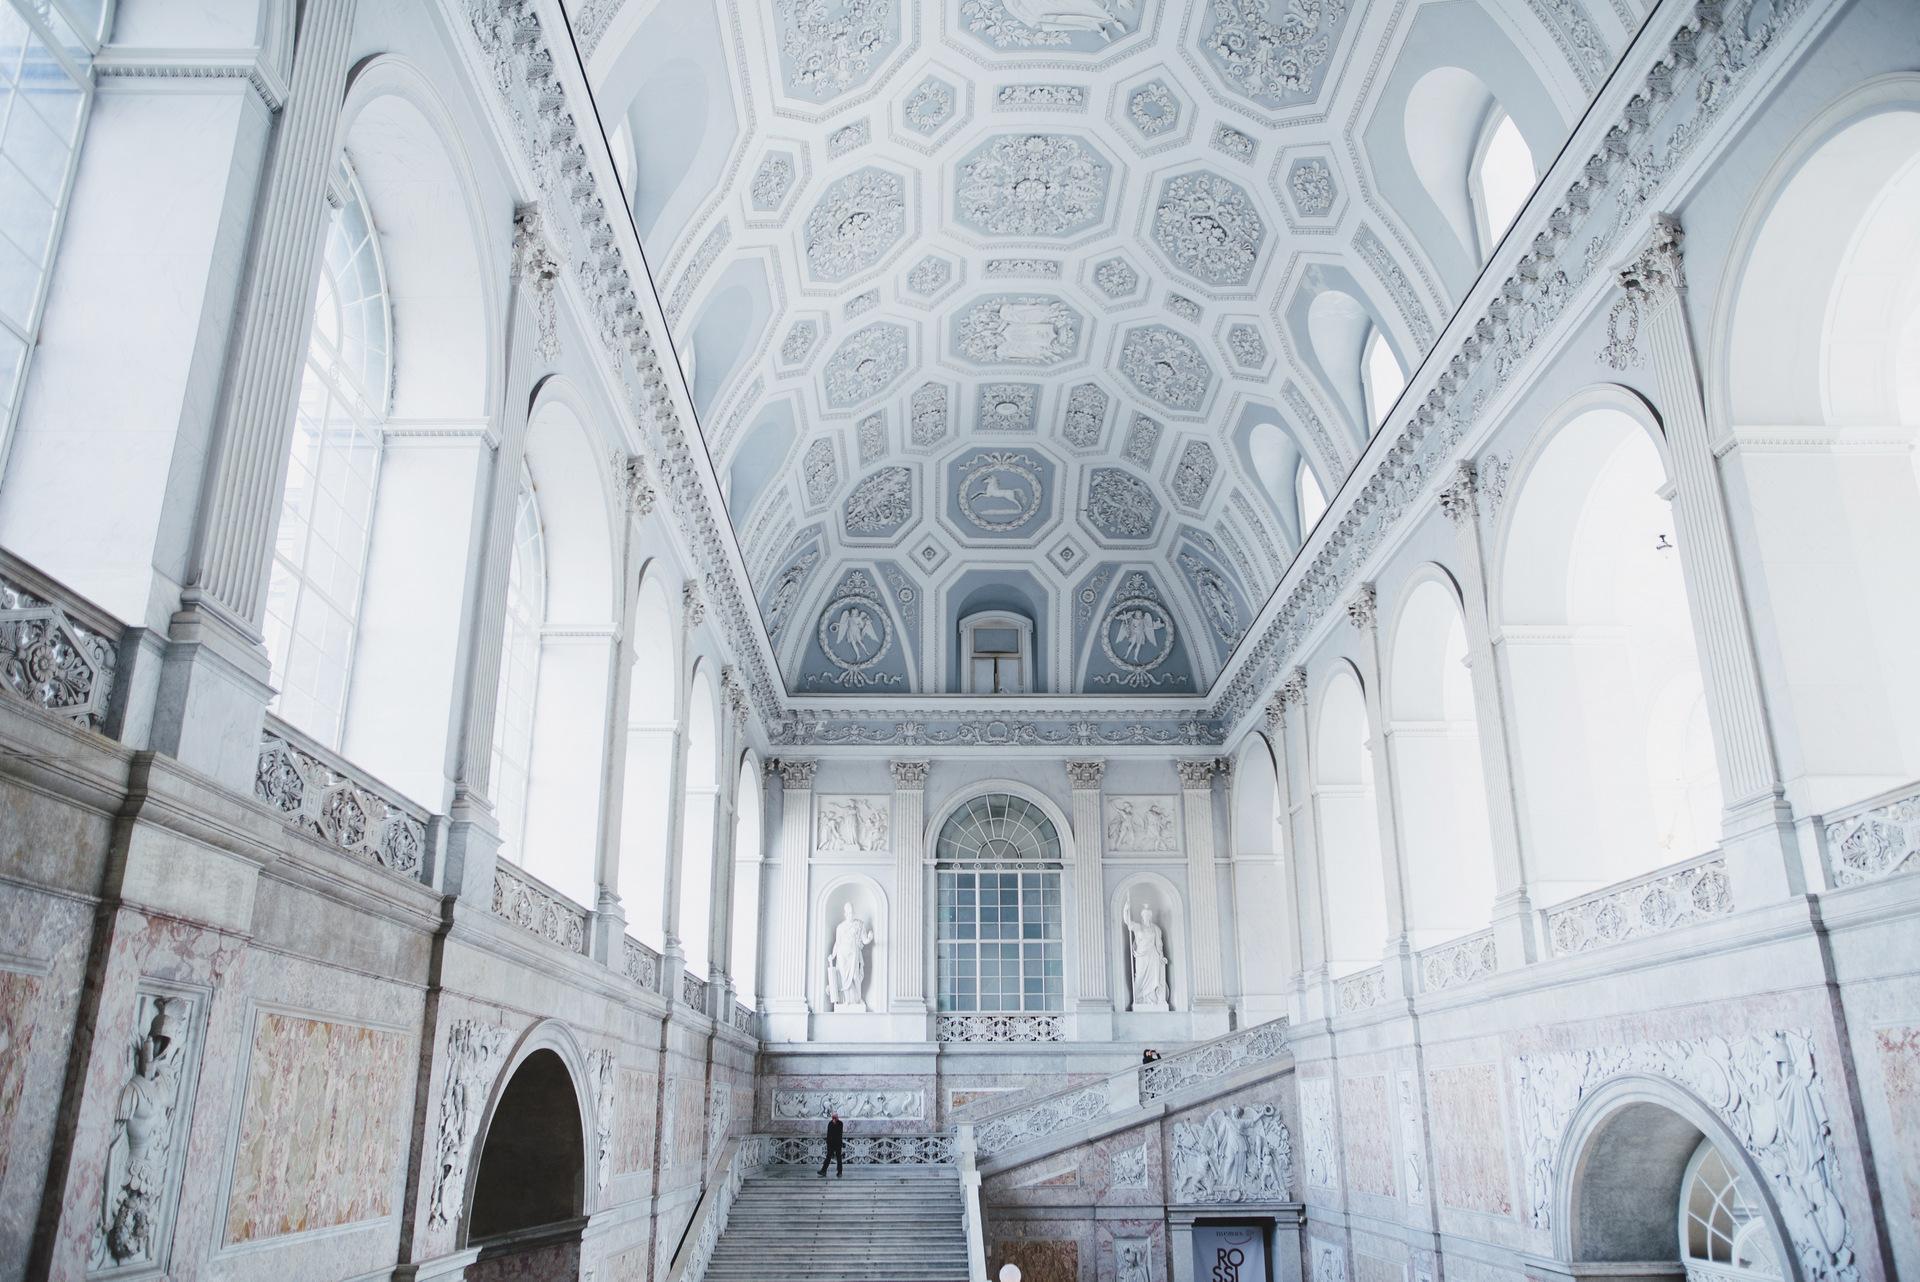 palazzo realne neapol klatka schodowa